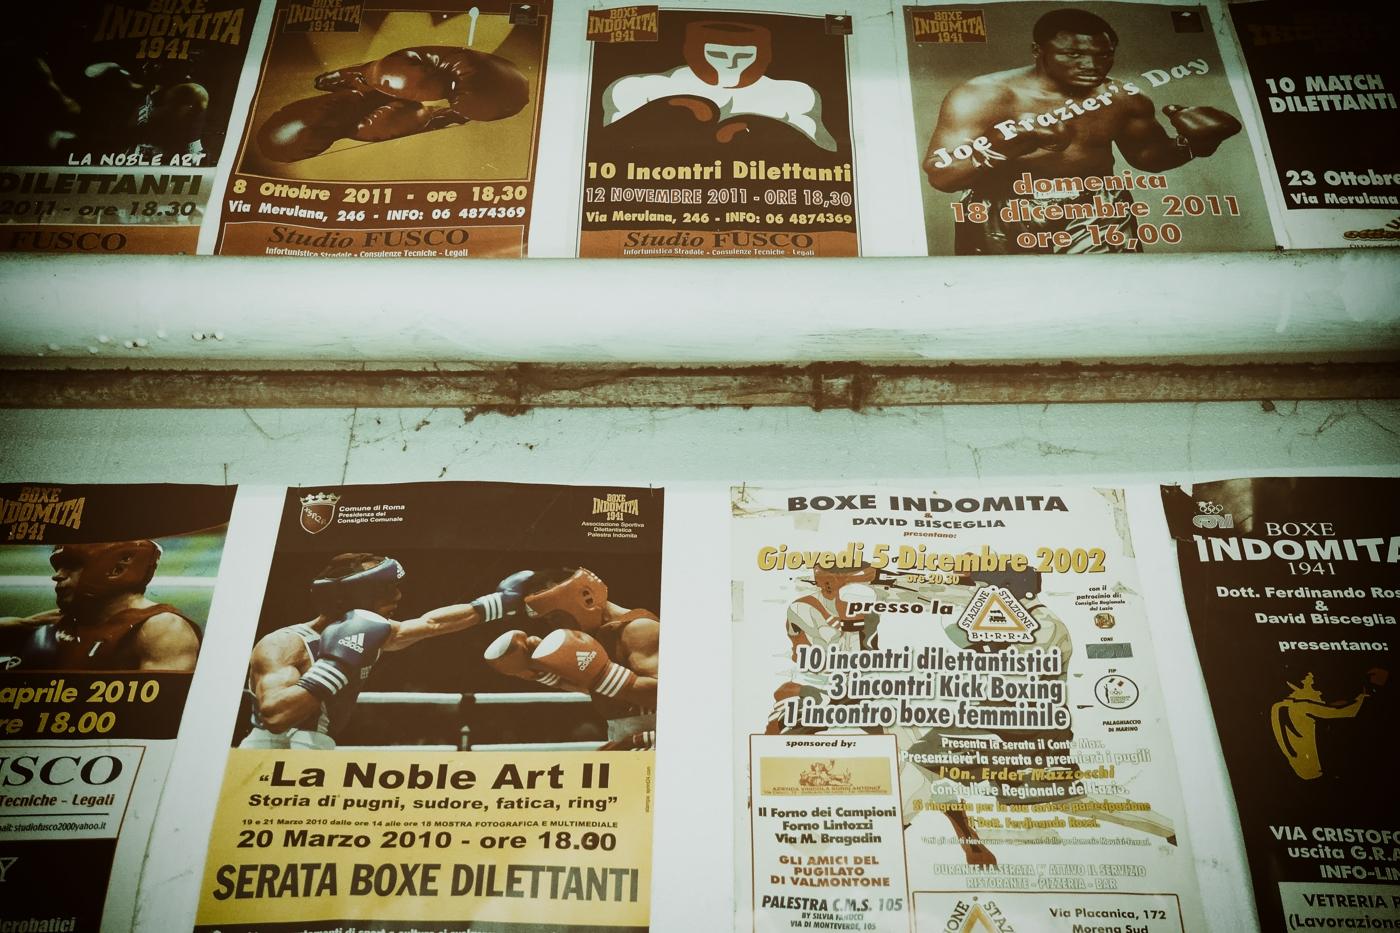 Indomita Boxe - Rome